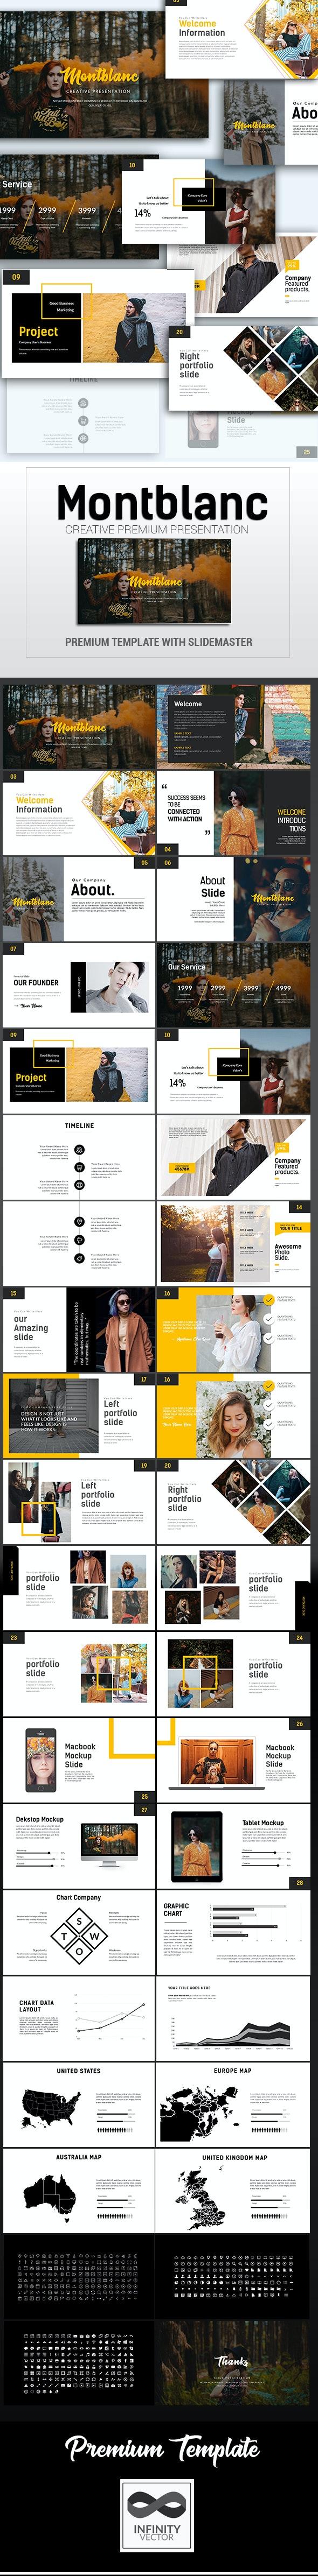 Montblanc Creative Presentation - PowerPoint Templates Presentation Templates